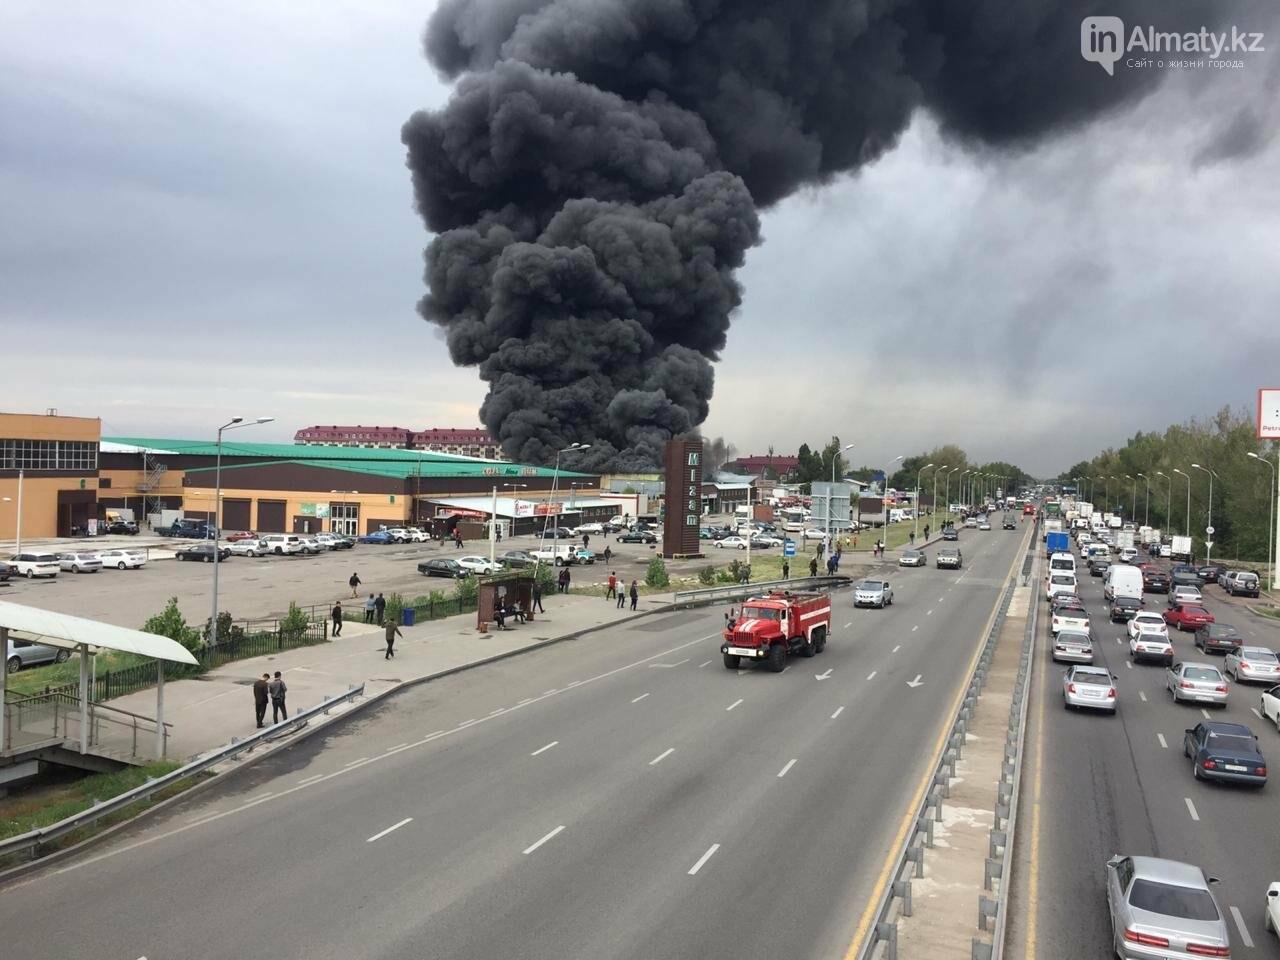 Склад горит на рынке в Алматы, фото-4